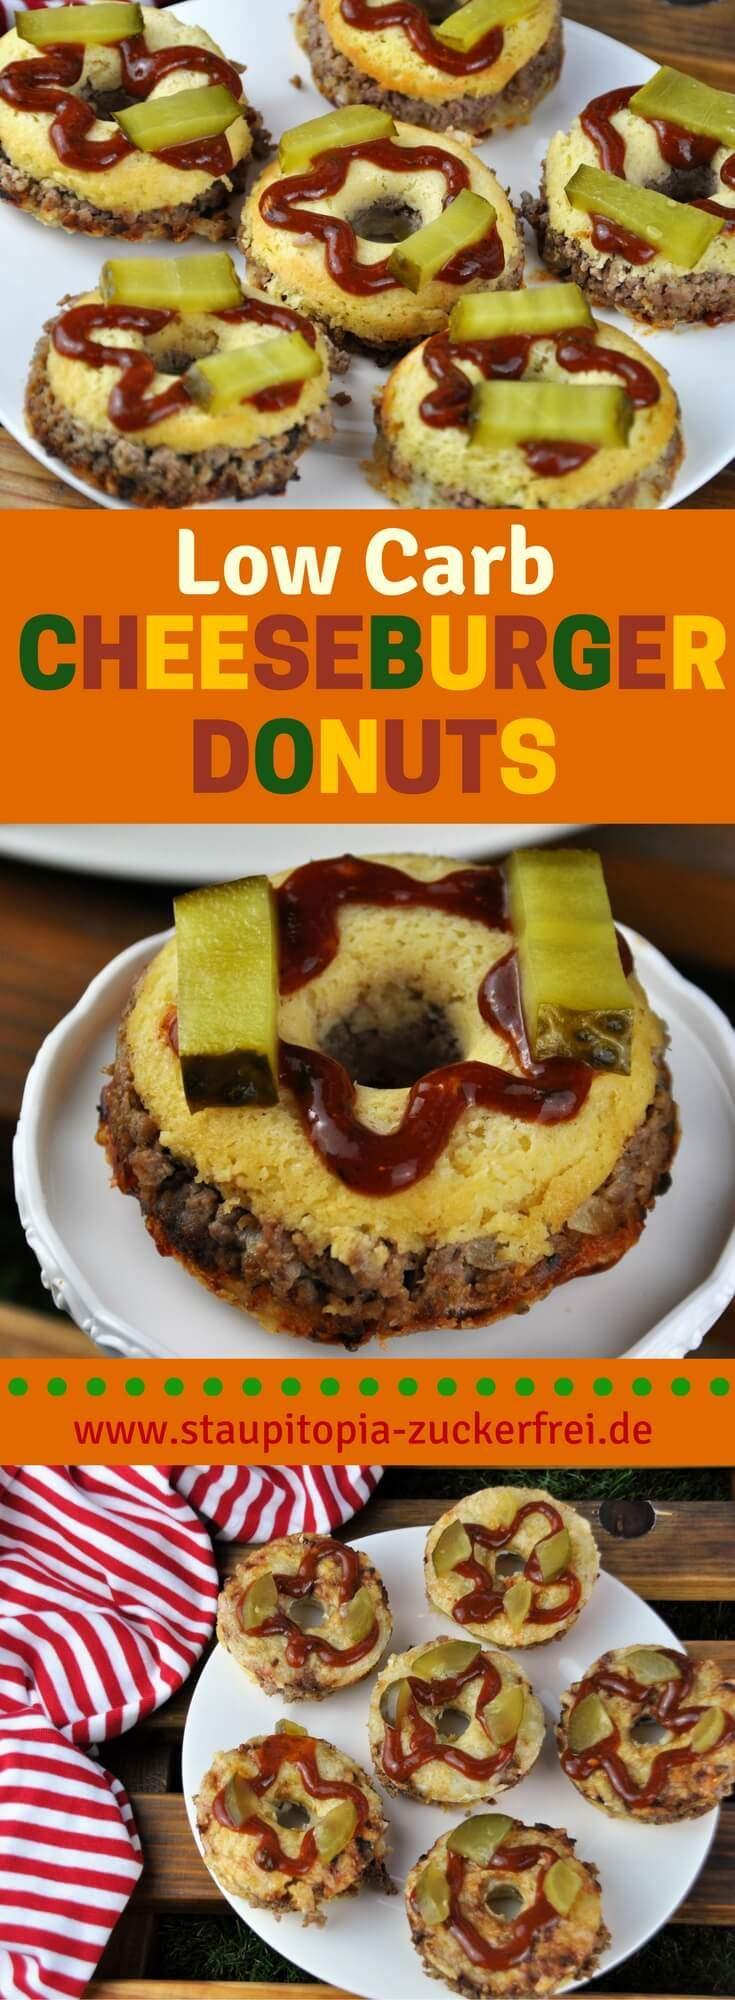 Schon mal etwas von Low Carb Cheeseburger Donuts gehört? Ich auch nicht! Dieses Rezept für die leckeren Low Carb Cheeseburger Donuts ist zufällig beim experimentieren in der Küche entstanden und jetzt aus meiner Sammlung von Lieblingsrezepten nicht mehr wegzudenken.